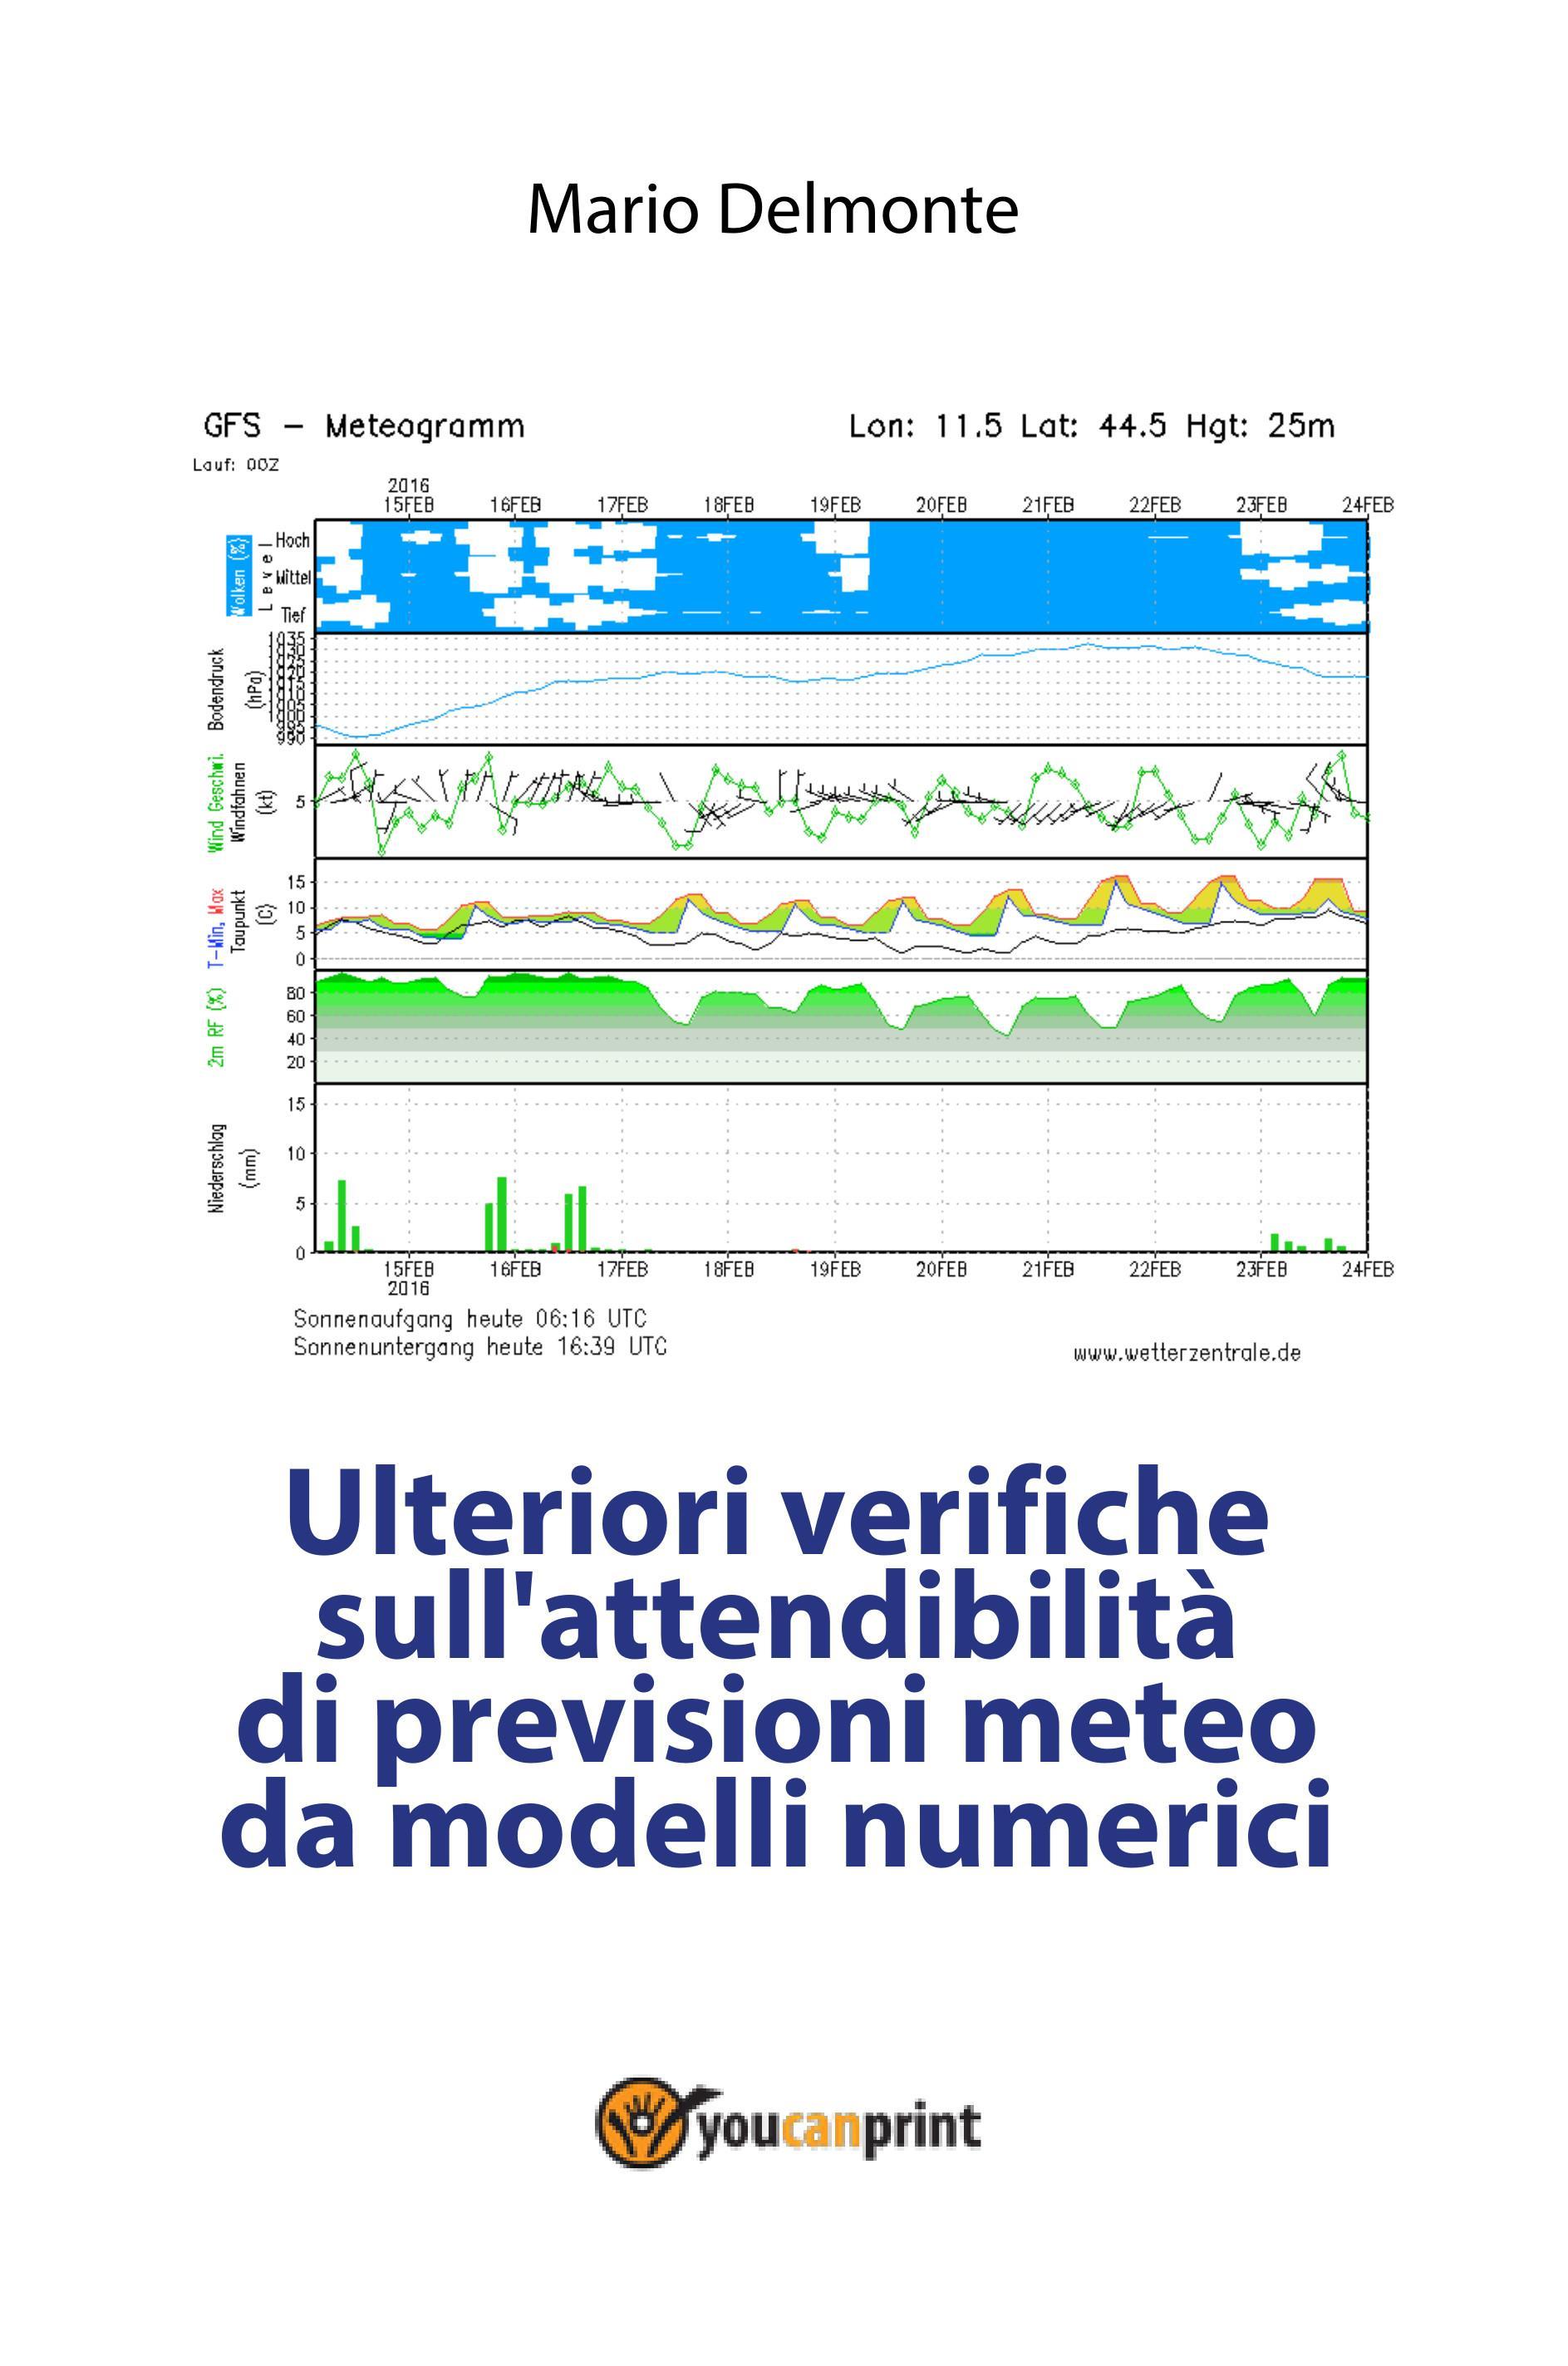 Ulteriori verifiche sull'attendibilità di previsioni meteo da modelli numerici